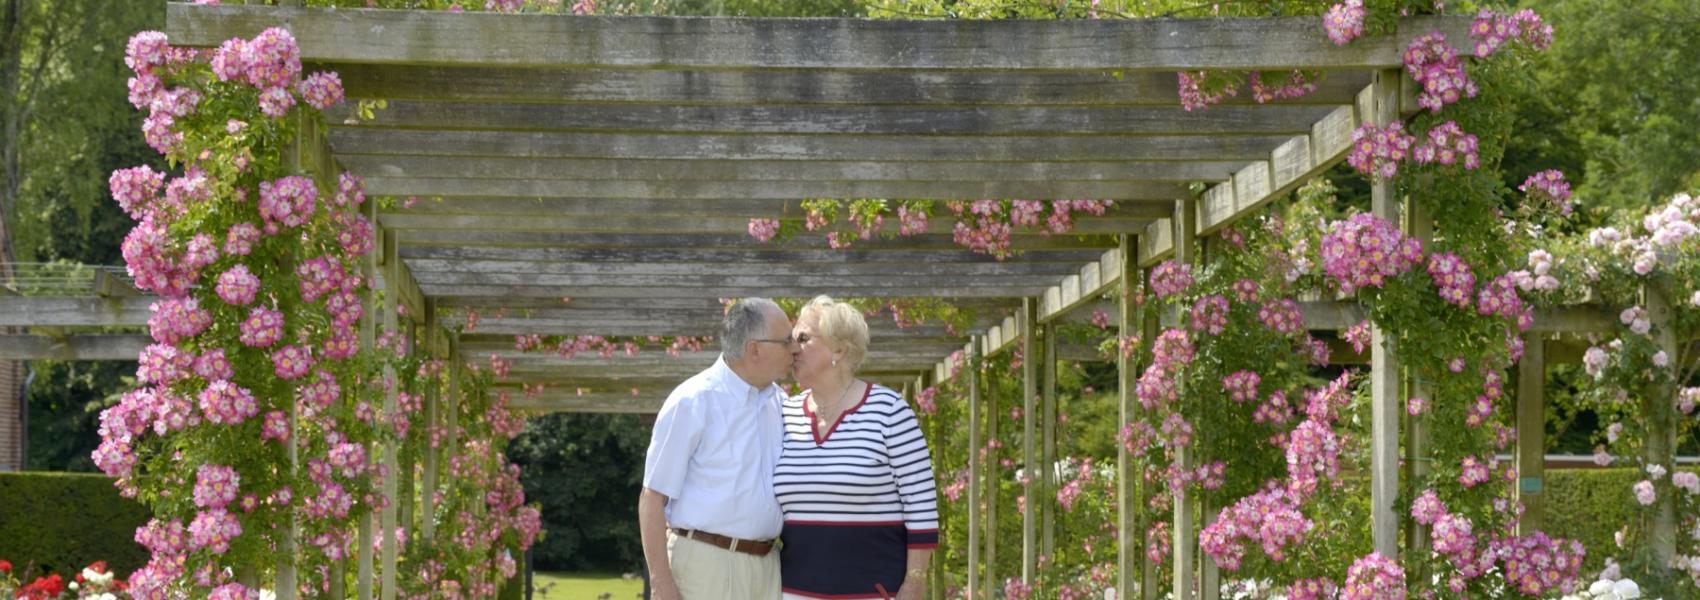 kussend koppel onder boog van rozen